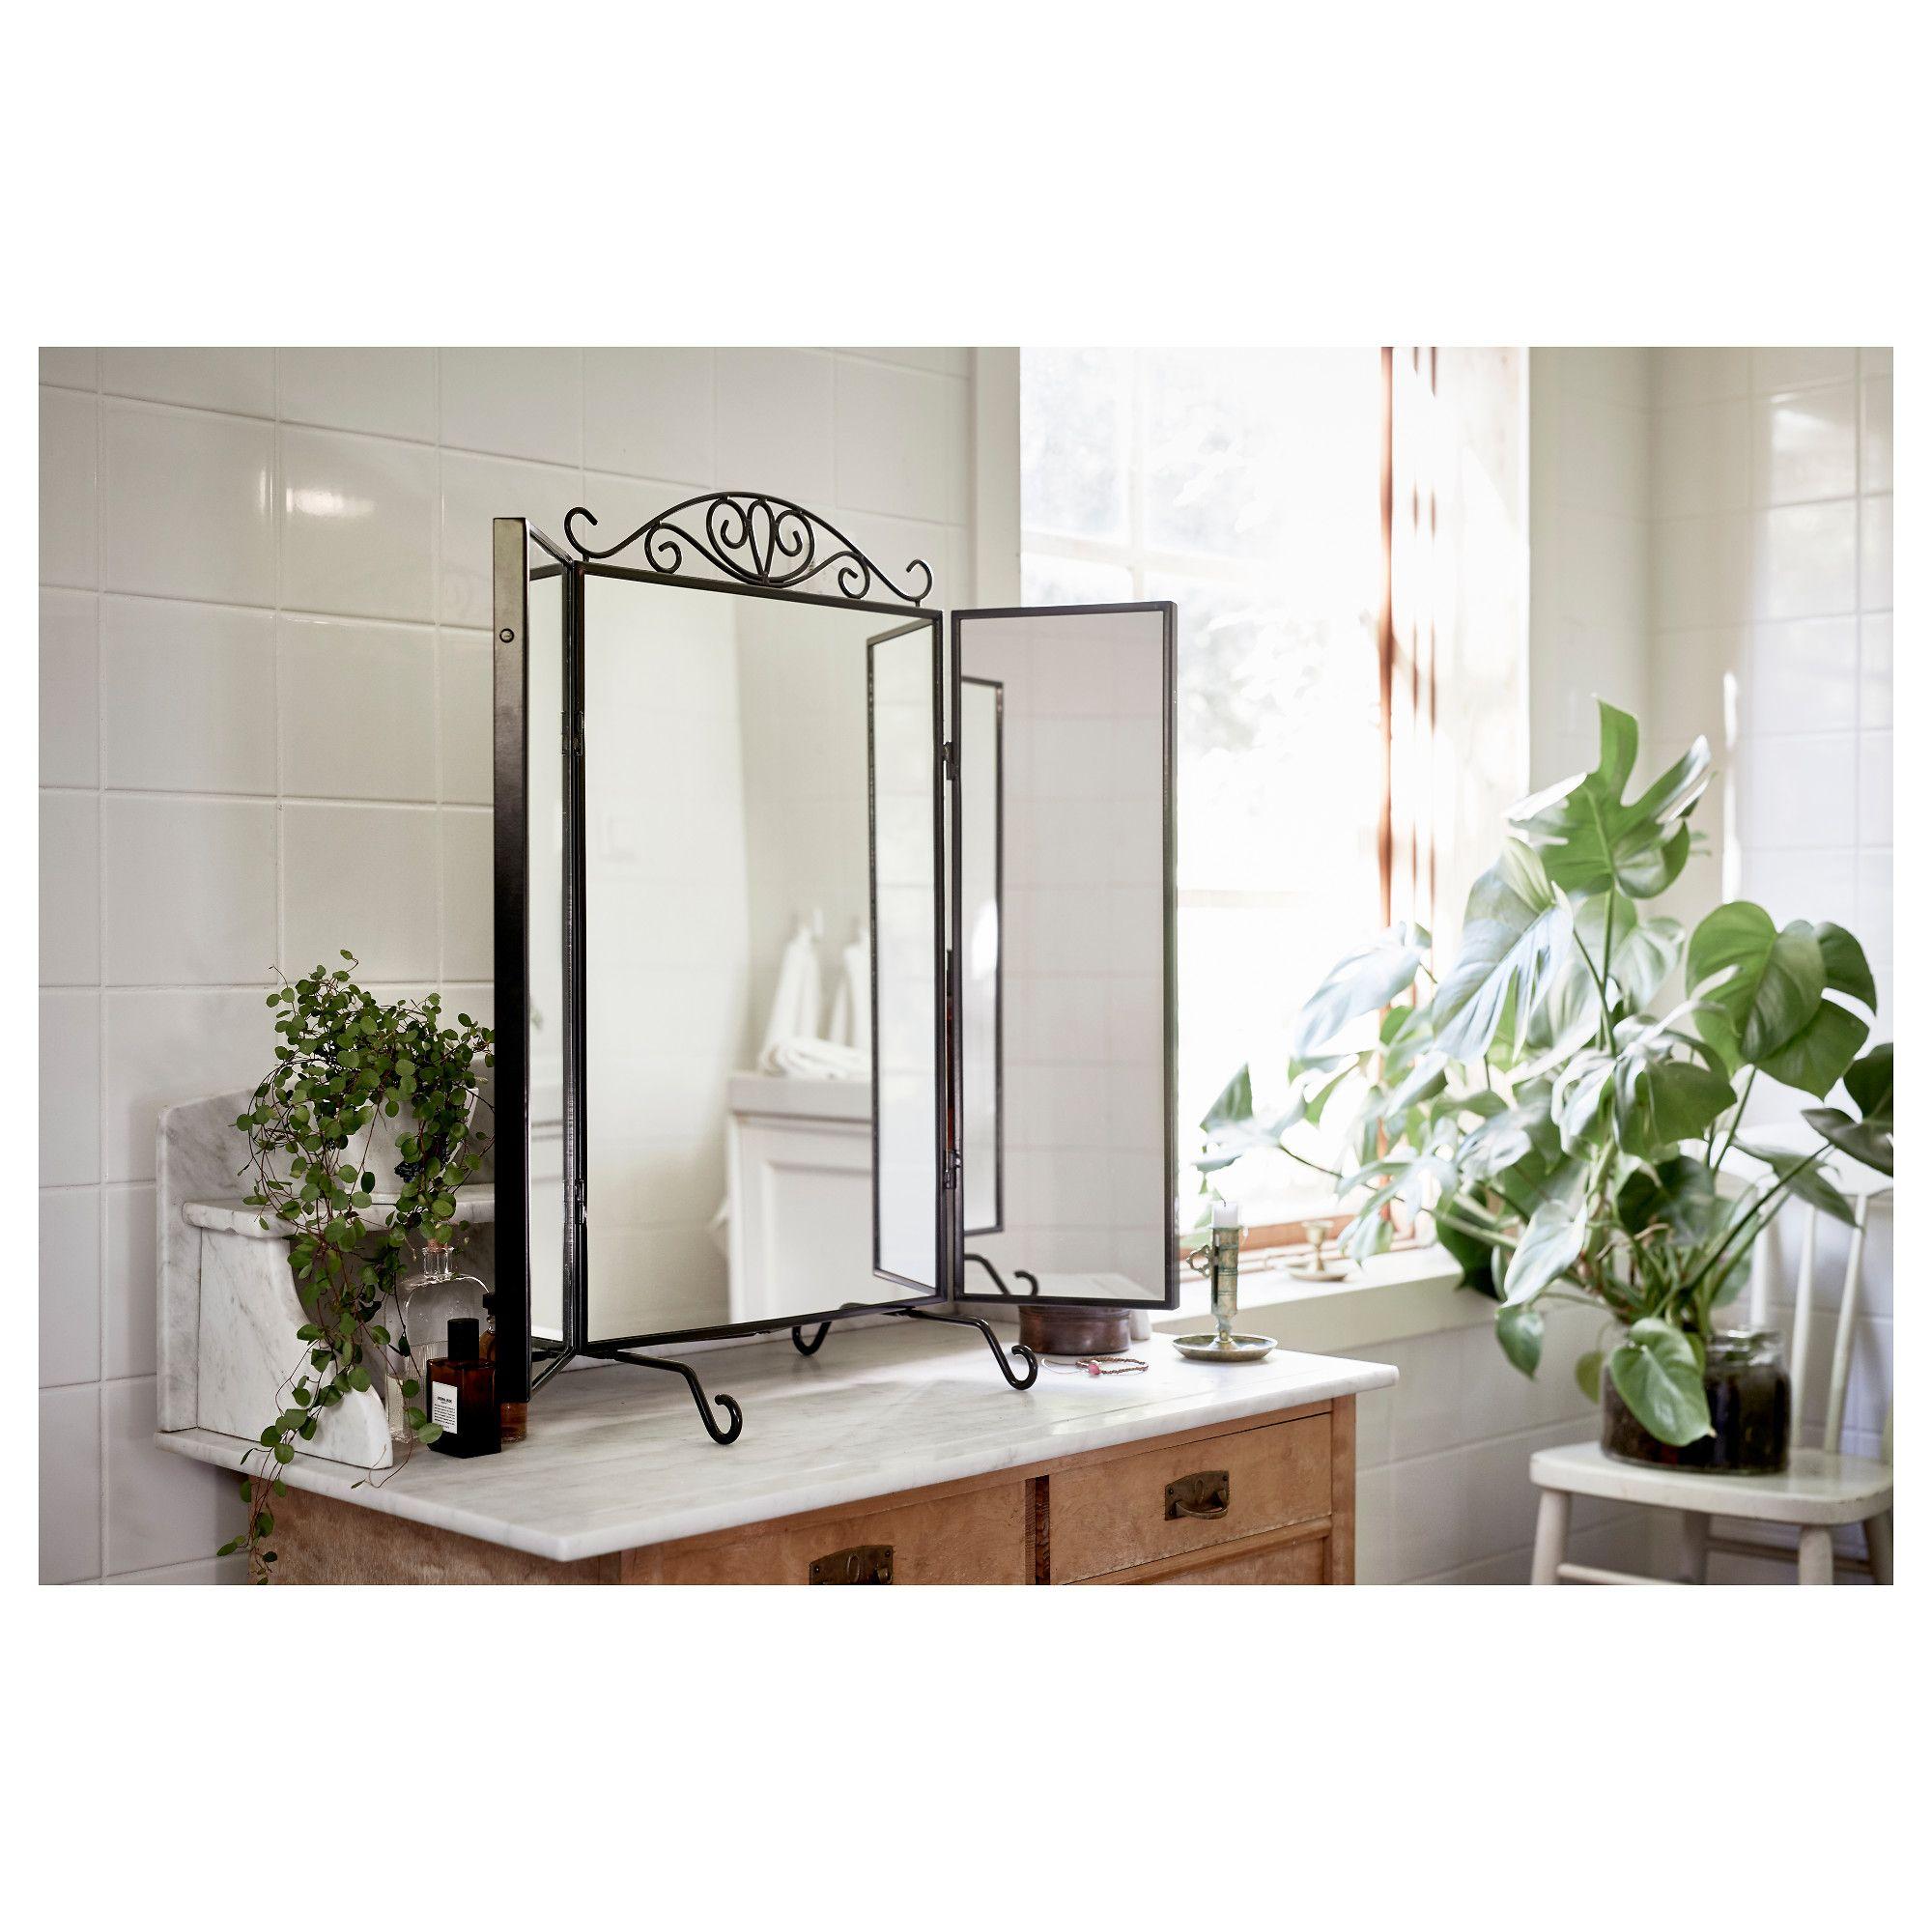 Ikea Karmsund Table Mirror Black Quick Saves Pomysły